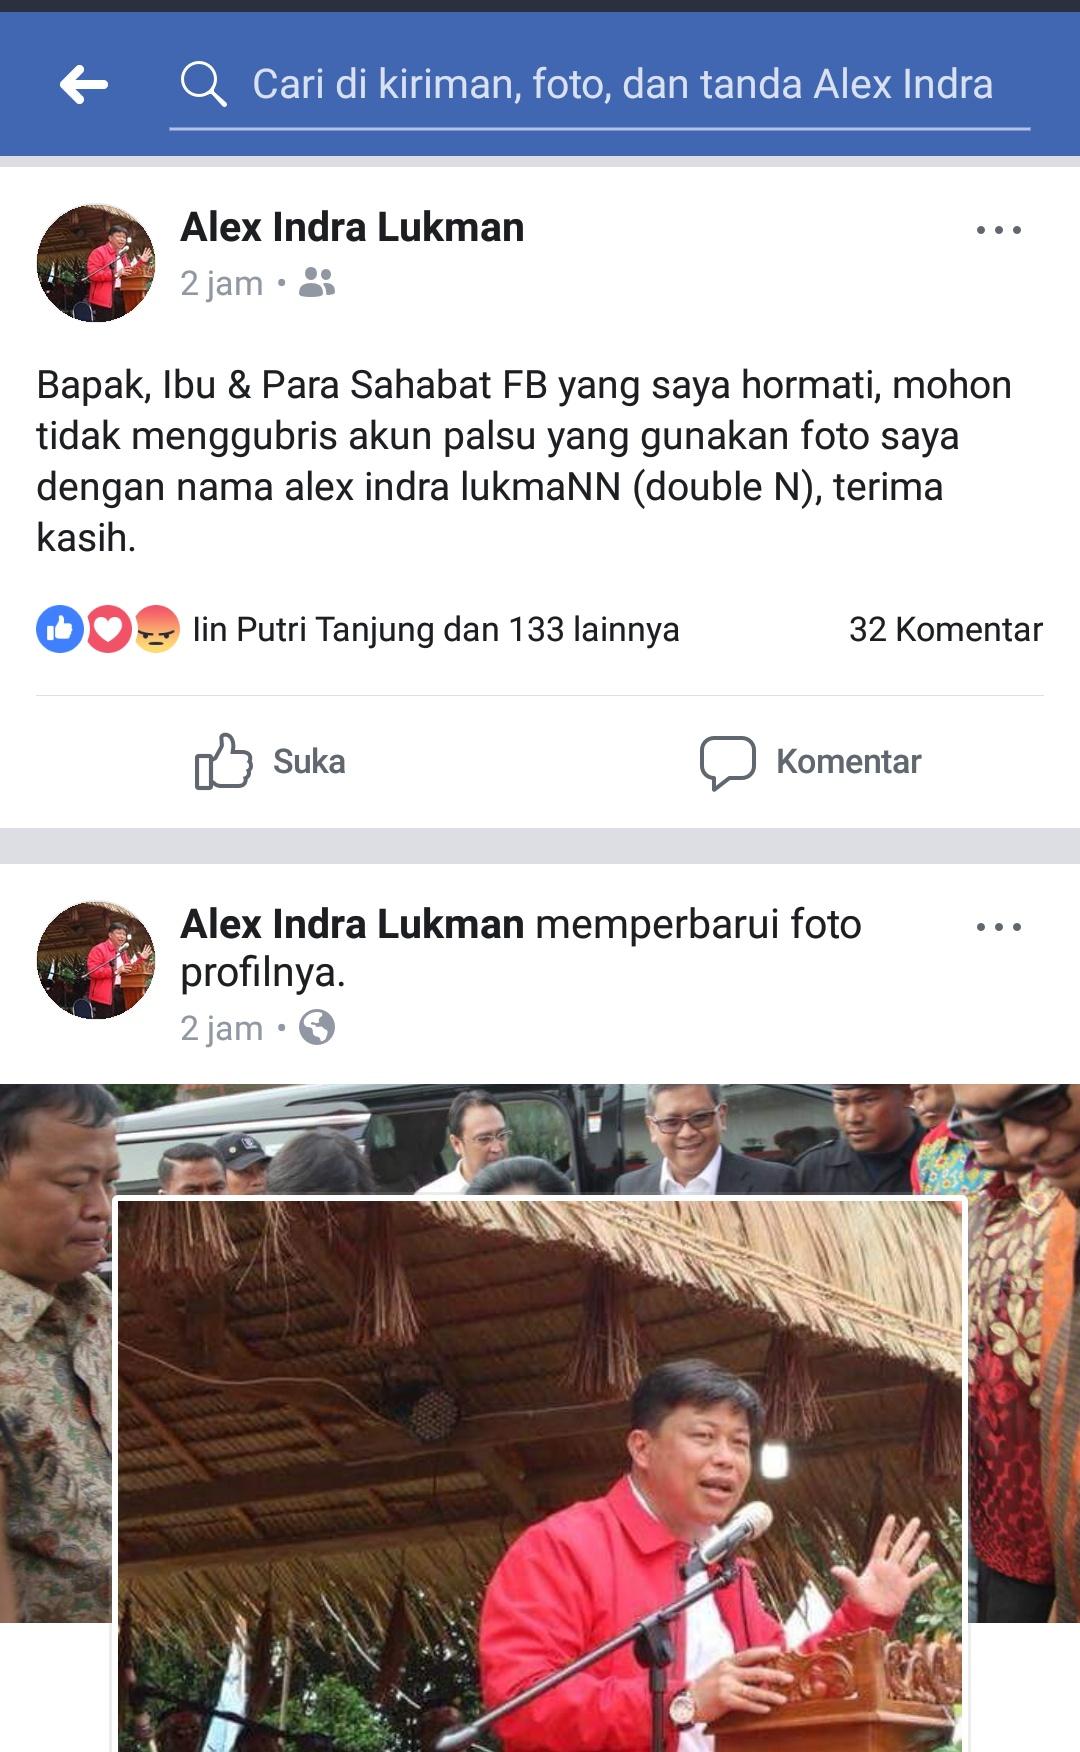 Anggota DPR RI Alex Indra Lukman memosting pada akunnya untuk tidak menggubris akun ganda.